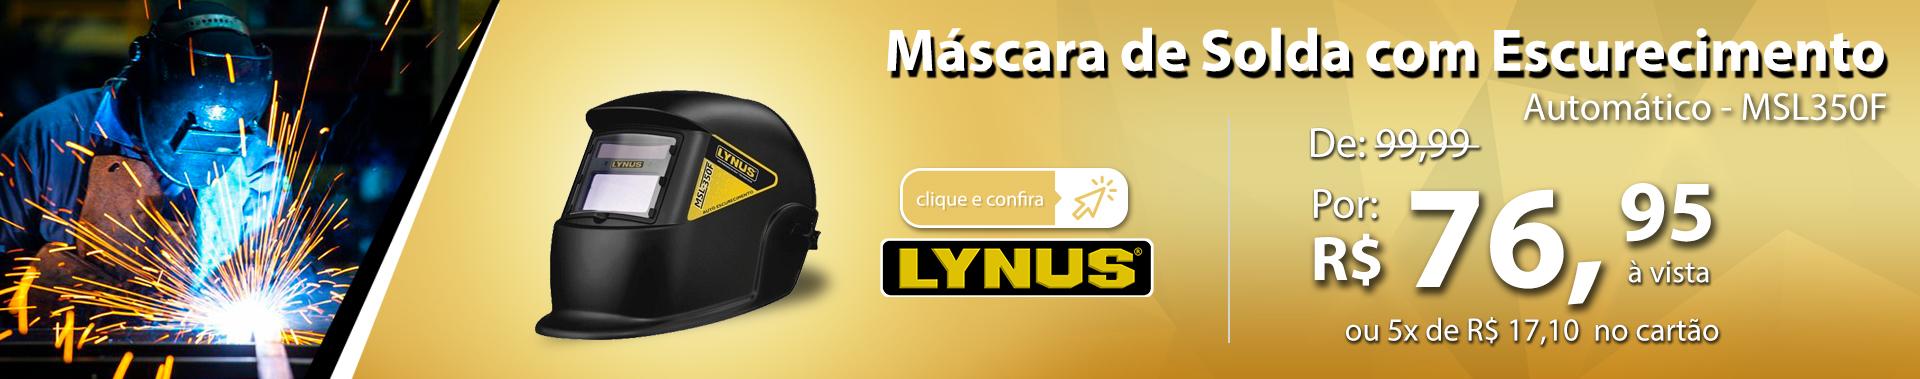 Máscara de Solda com Escurecimento Automático LYNUS-MSL350F